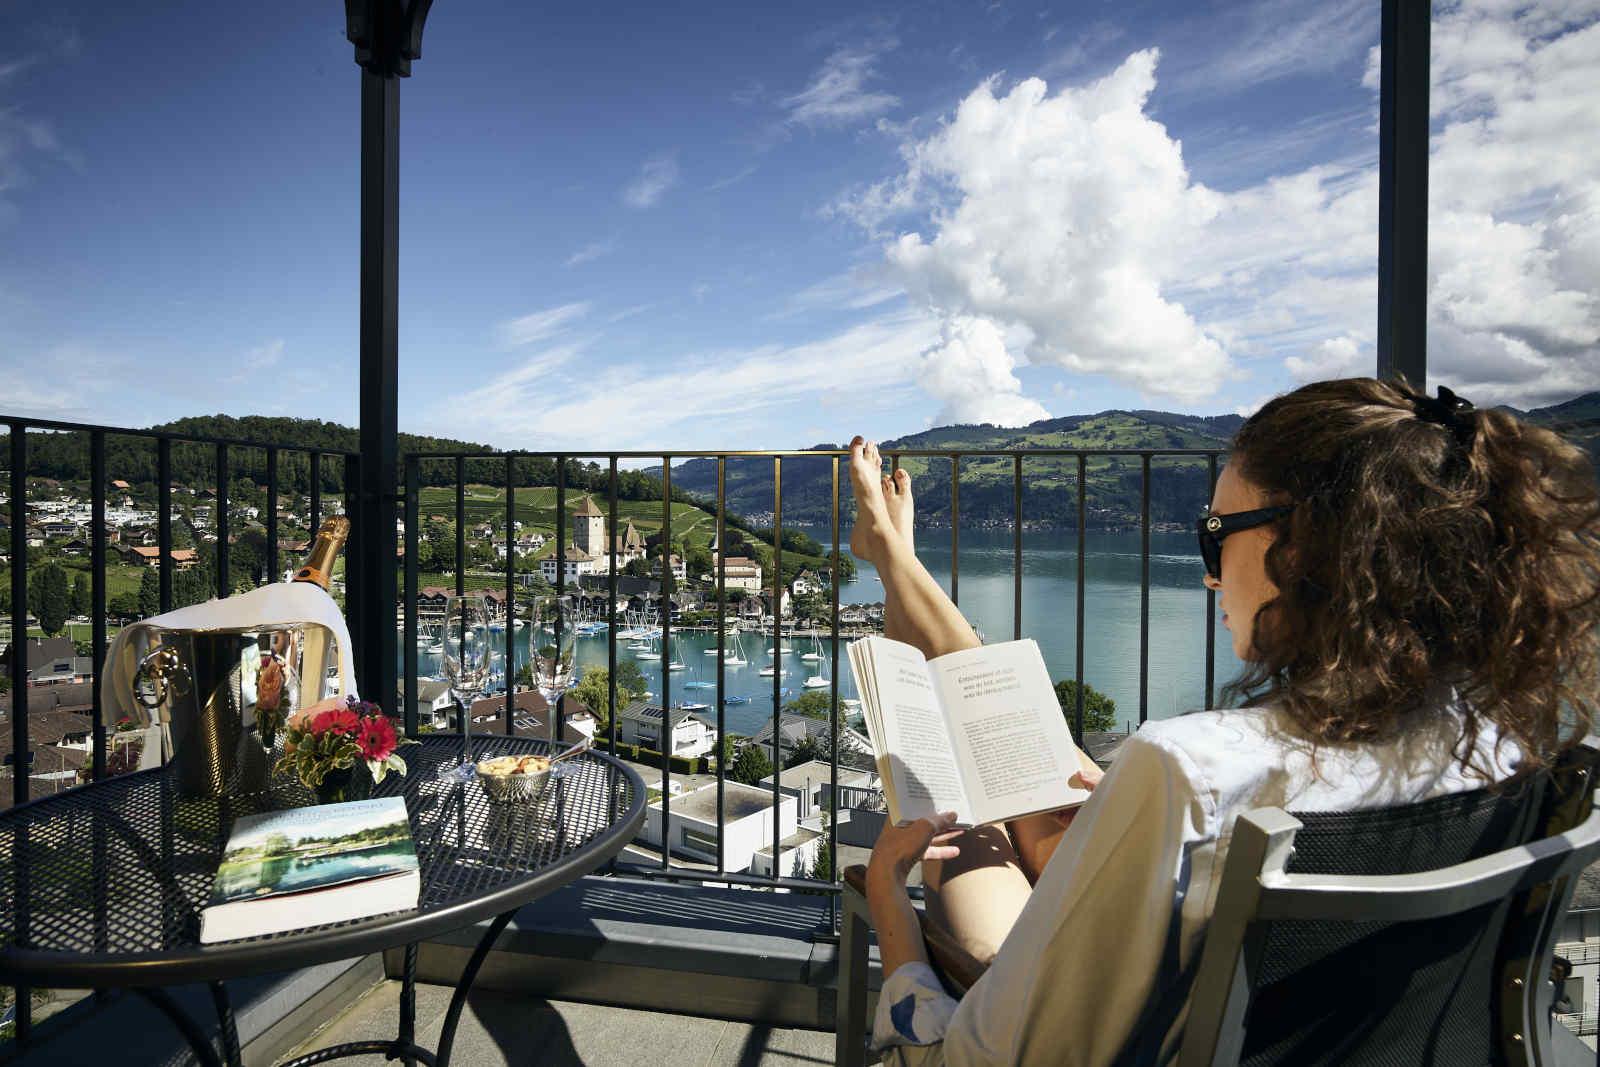 Frau auf Balkon mit Aussicht